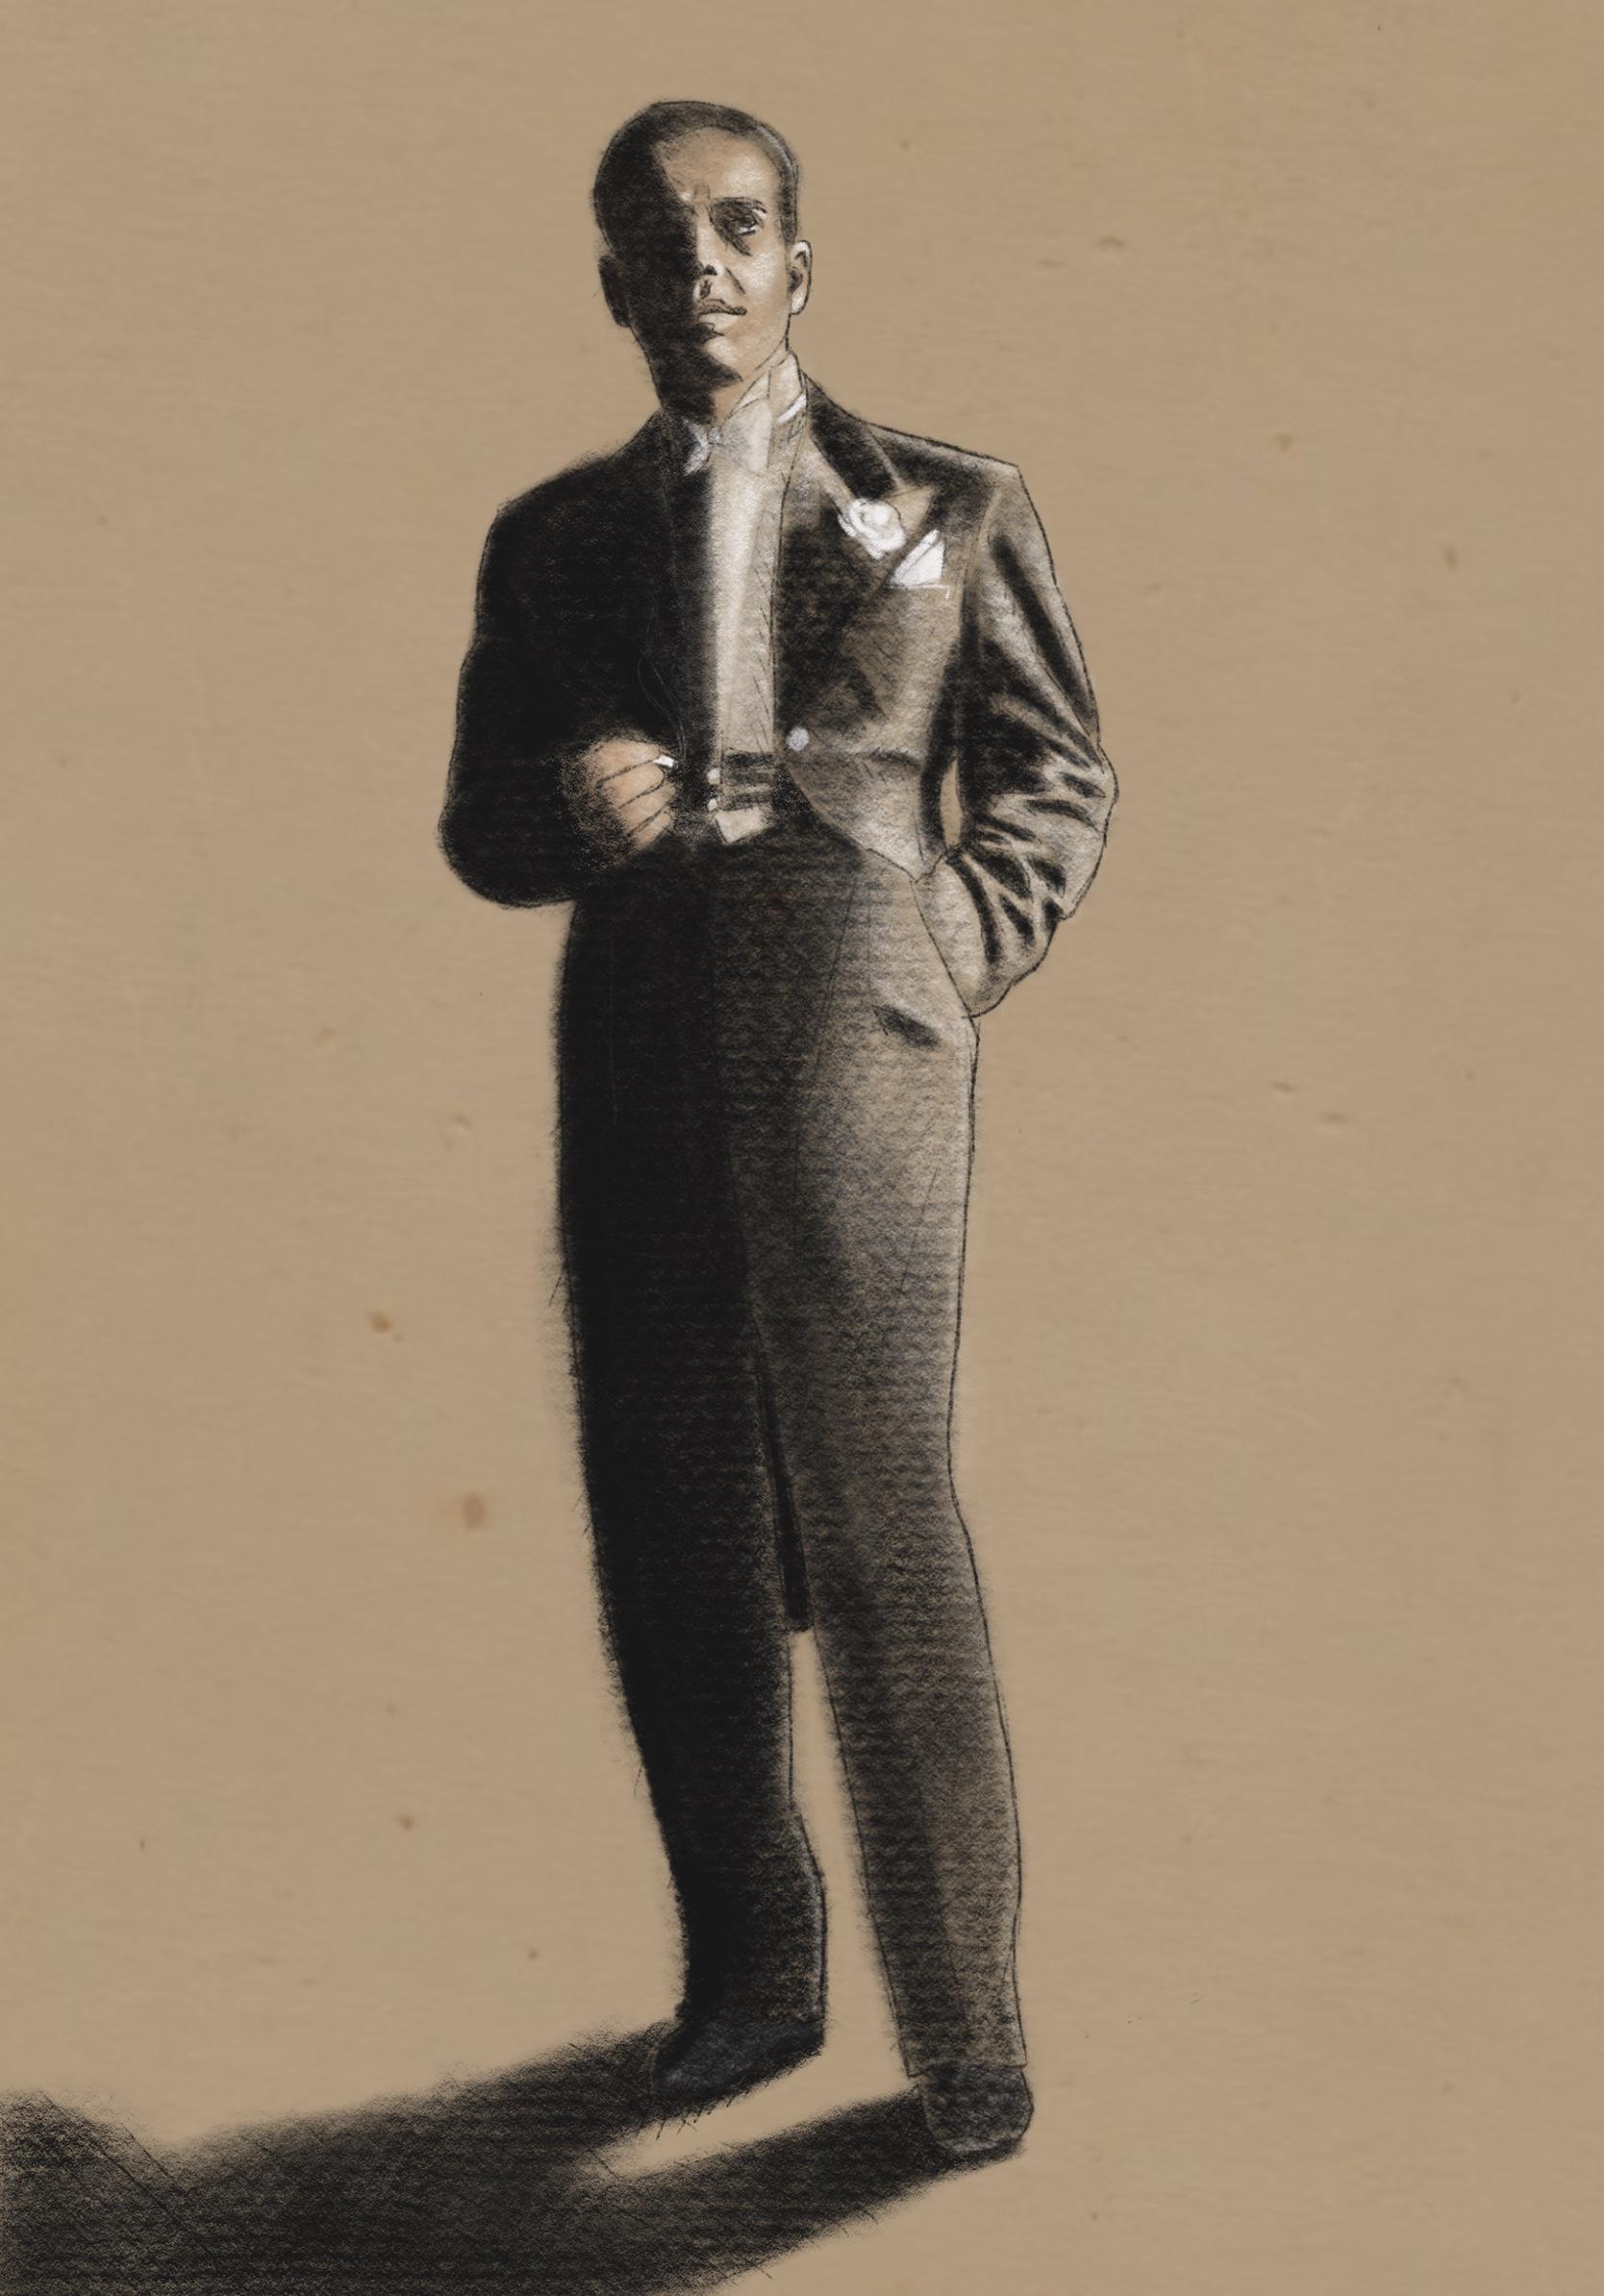 Max Hromek